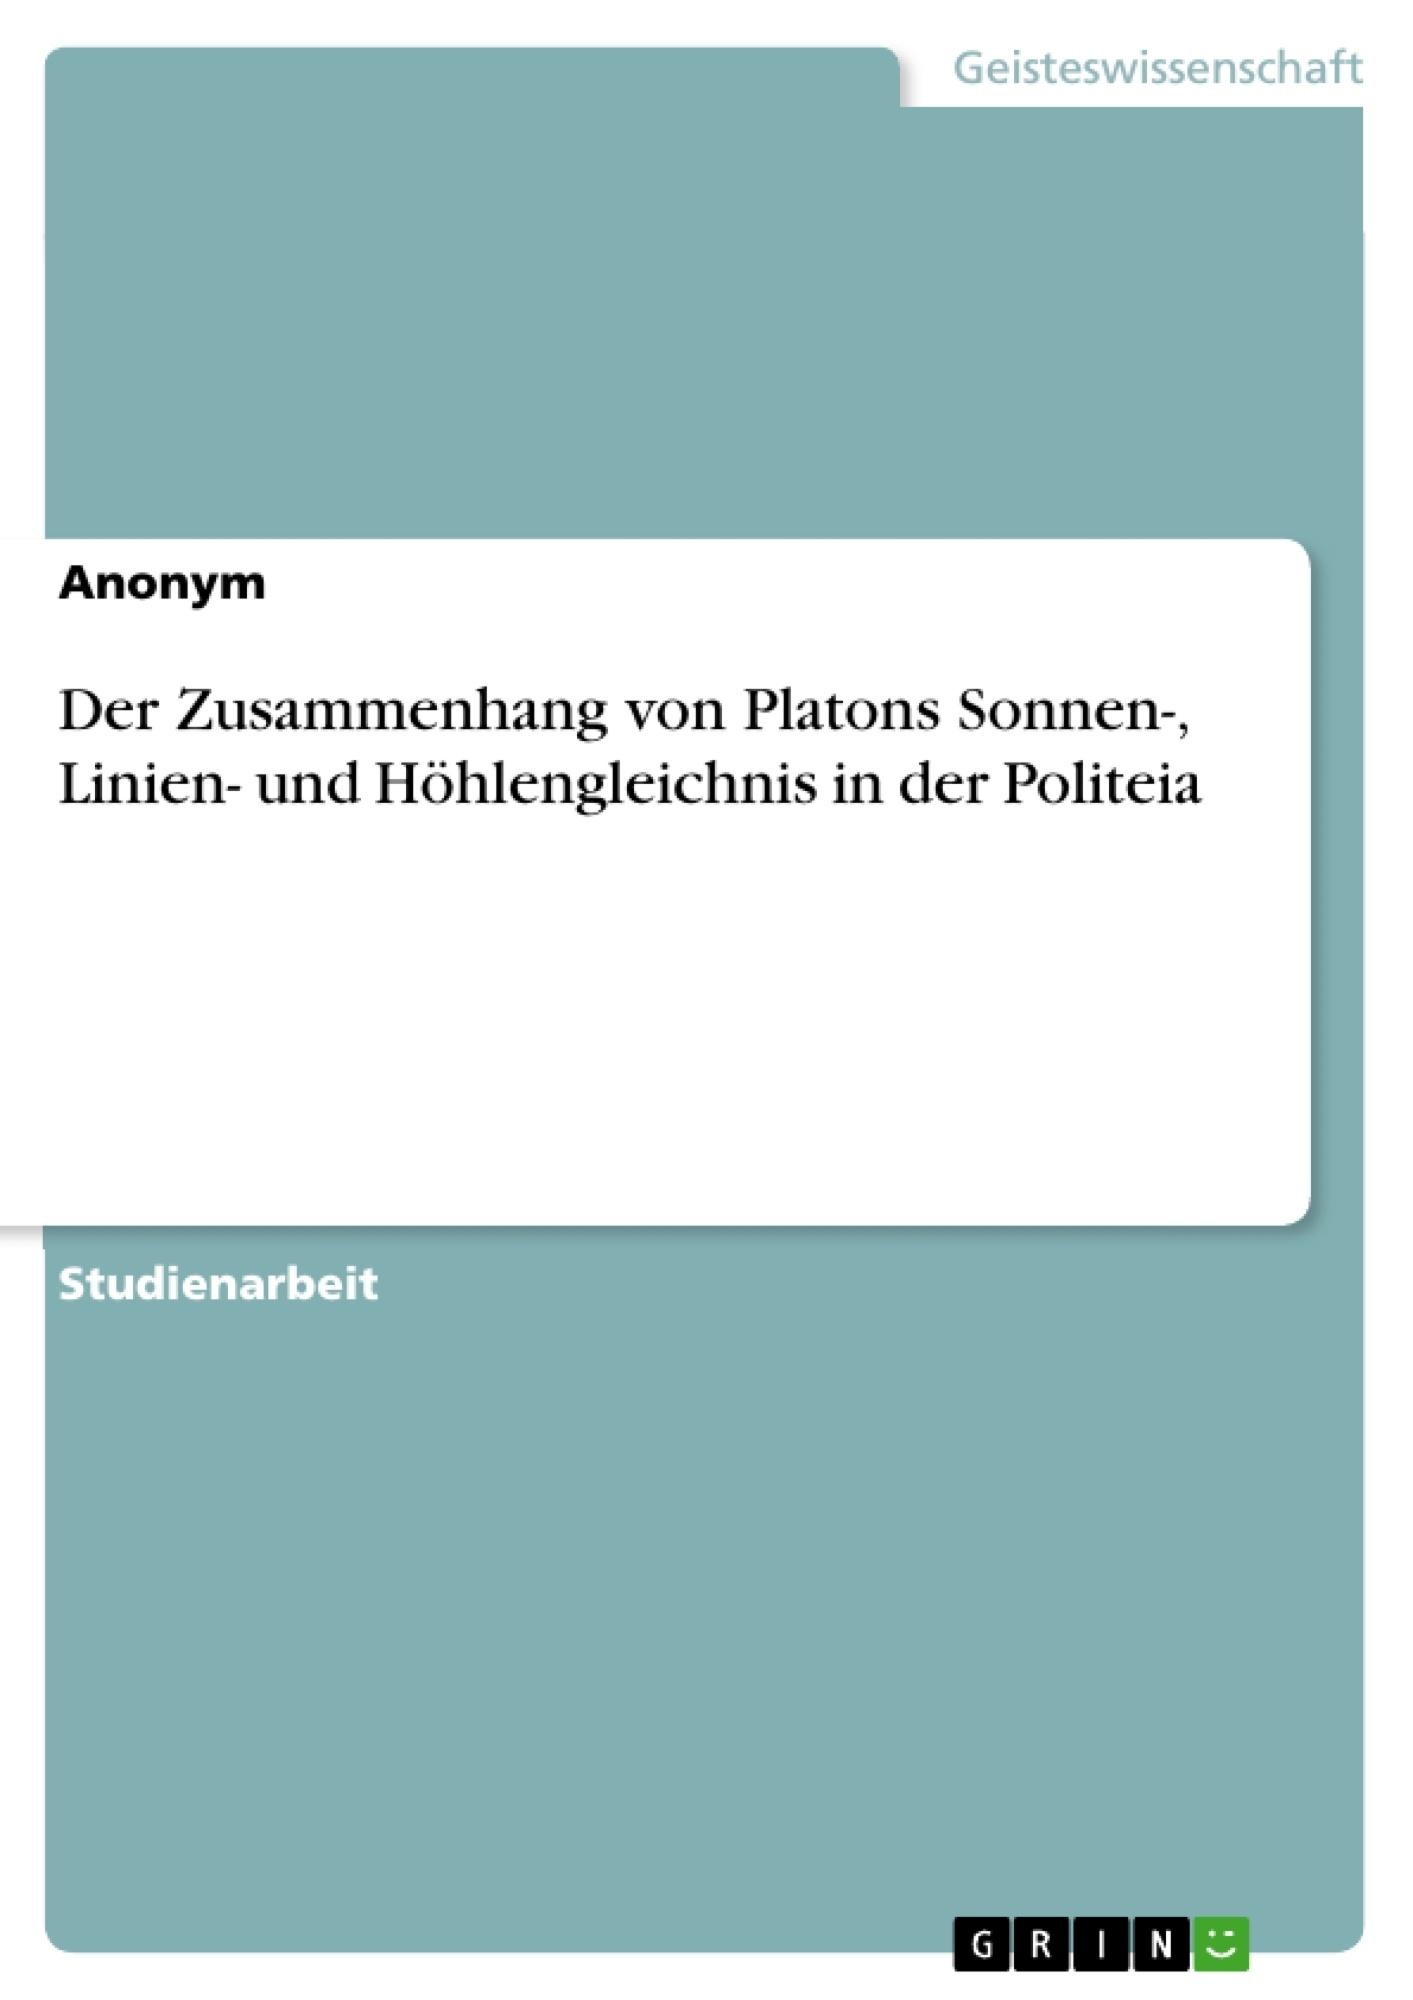 Titel: Der Zusammenhang von Platons Sonnen-, Linien- und Höhlengleichnis in der Politeia